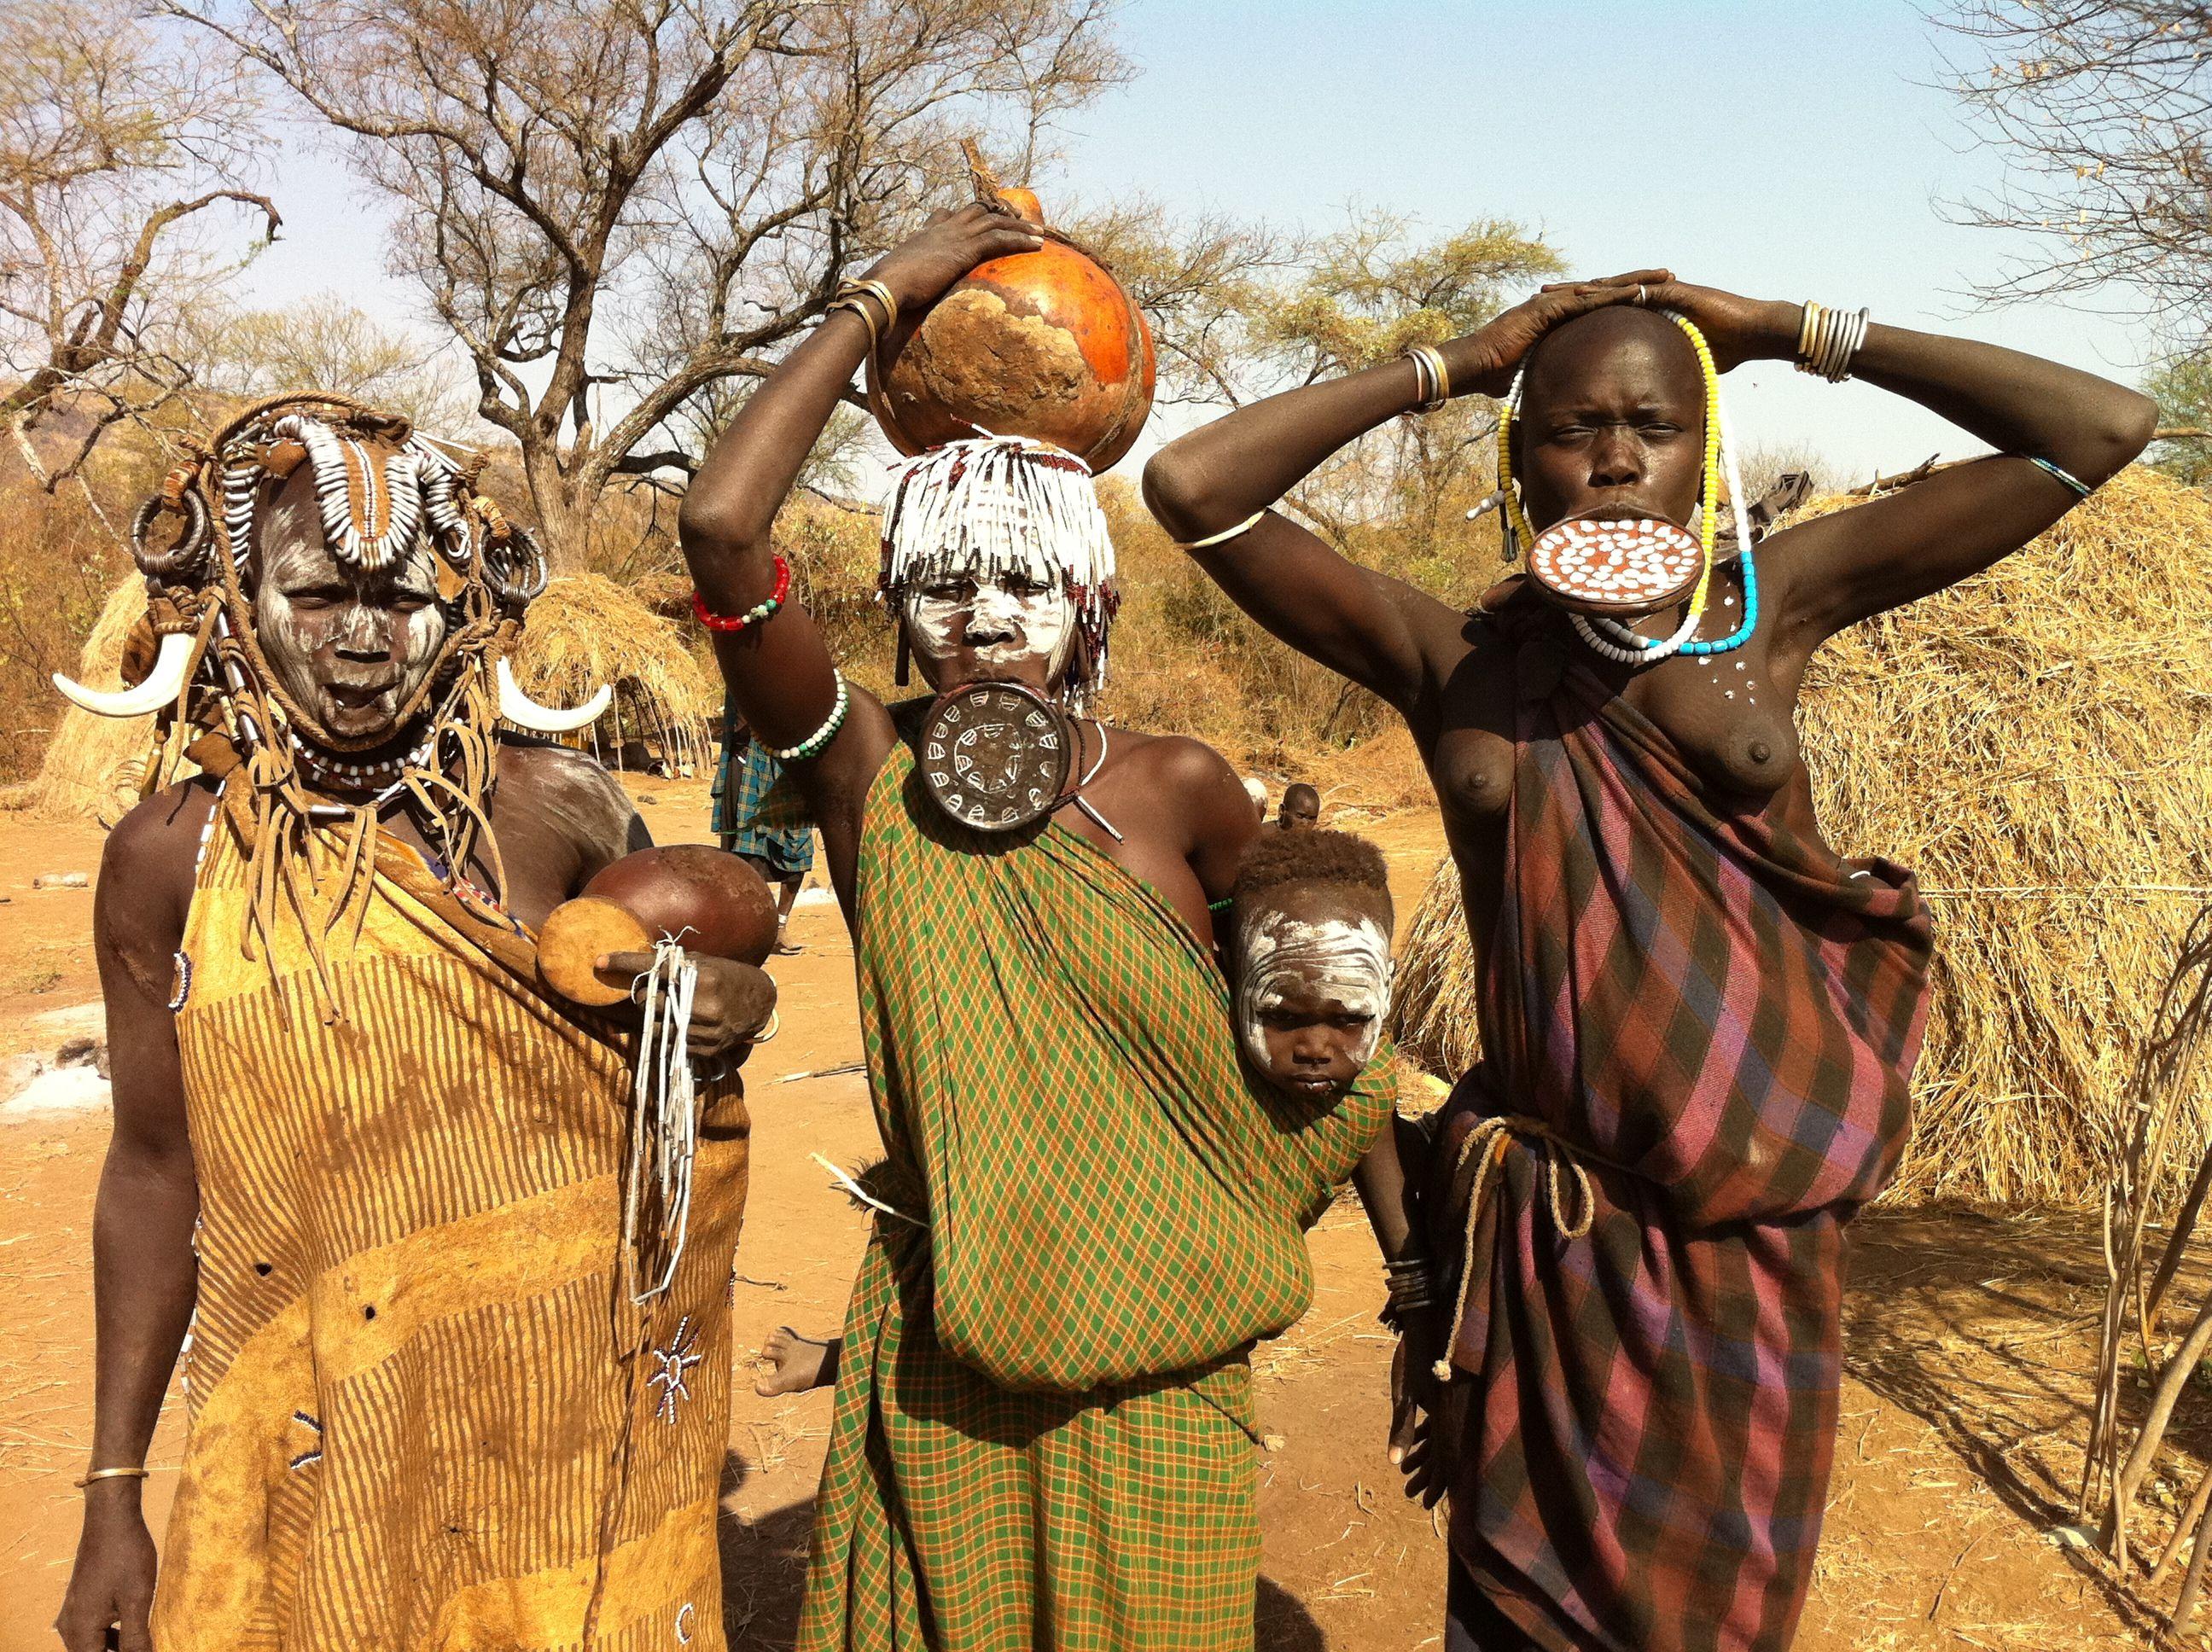 африканские племена нила фото состав приморского